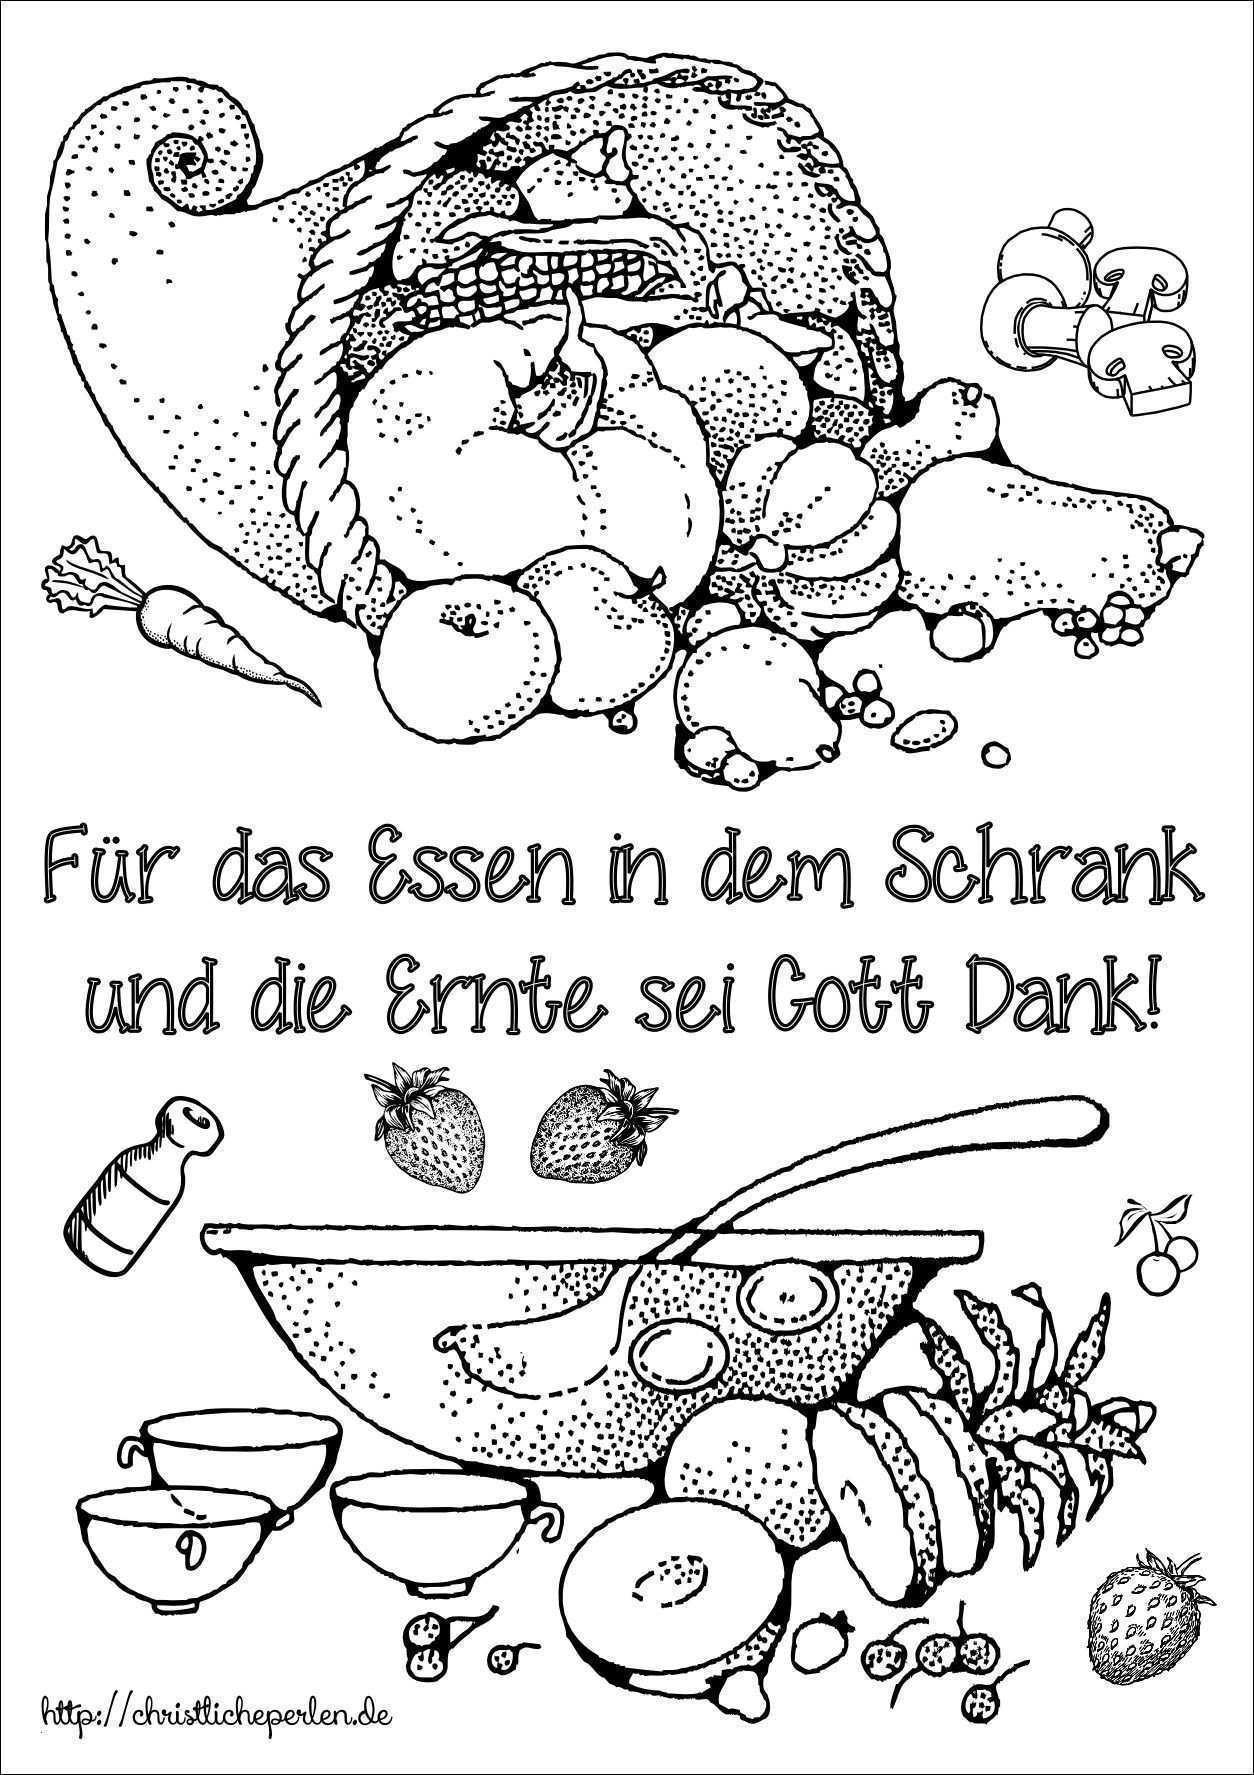 Laterne Ausmalbild St. Martin Frisch St Martin Ausmalbilder Fotos 40 Ausmalbilder Essen Scoredatscore Fotografieren